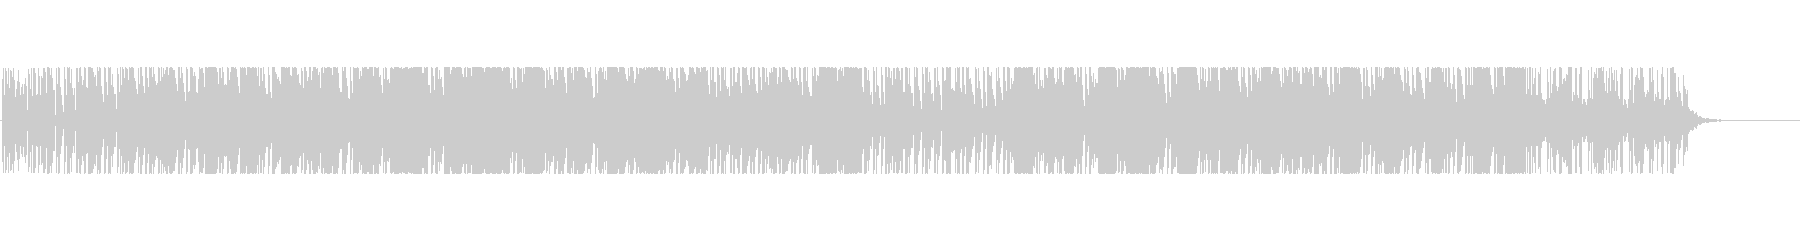 アップテンポのエレクトロトラック。...の未再生の波形